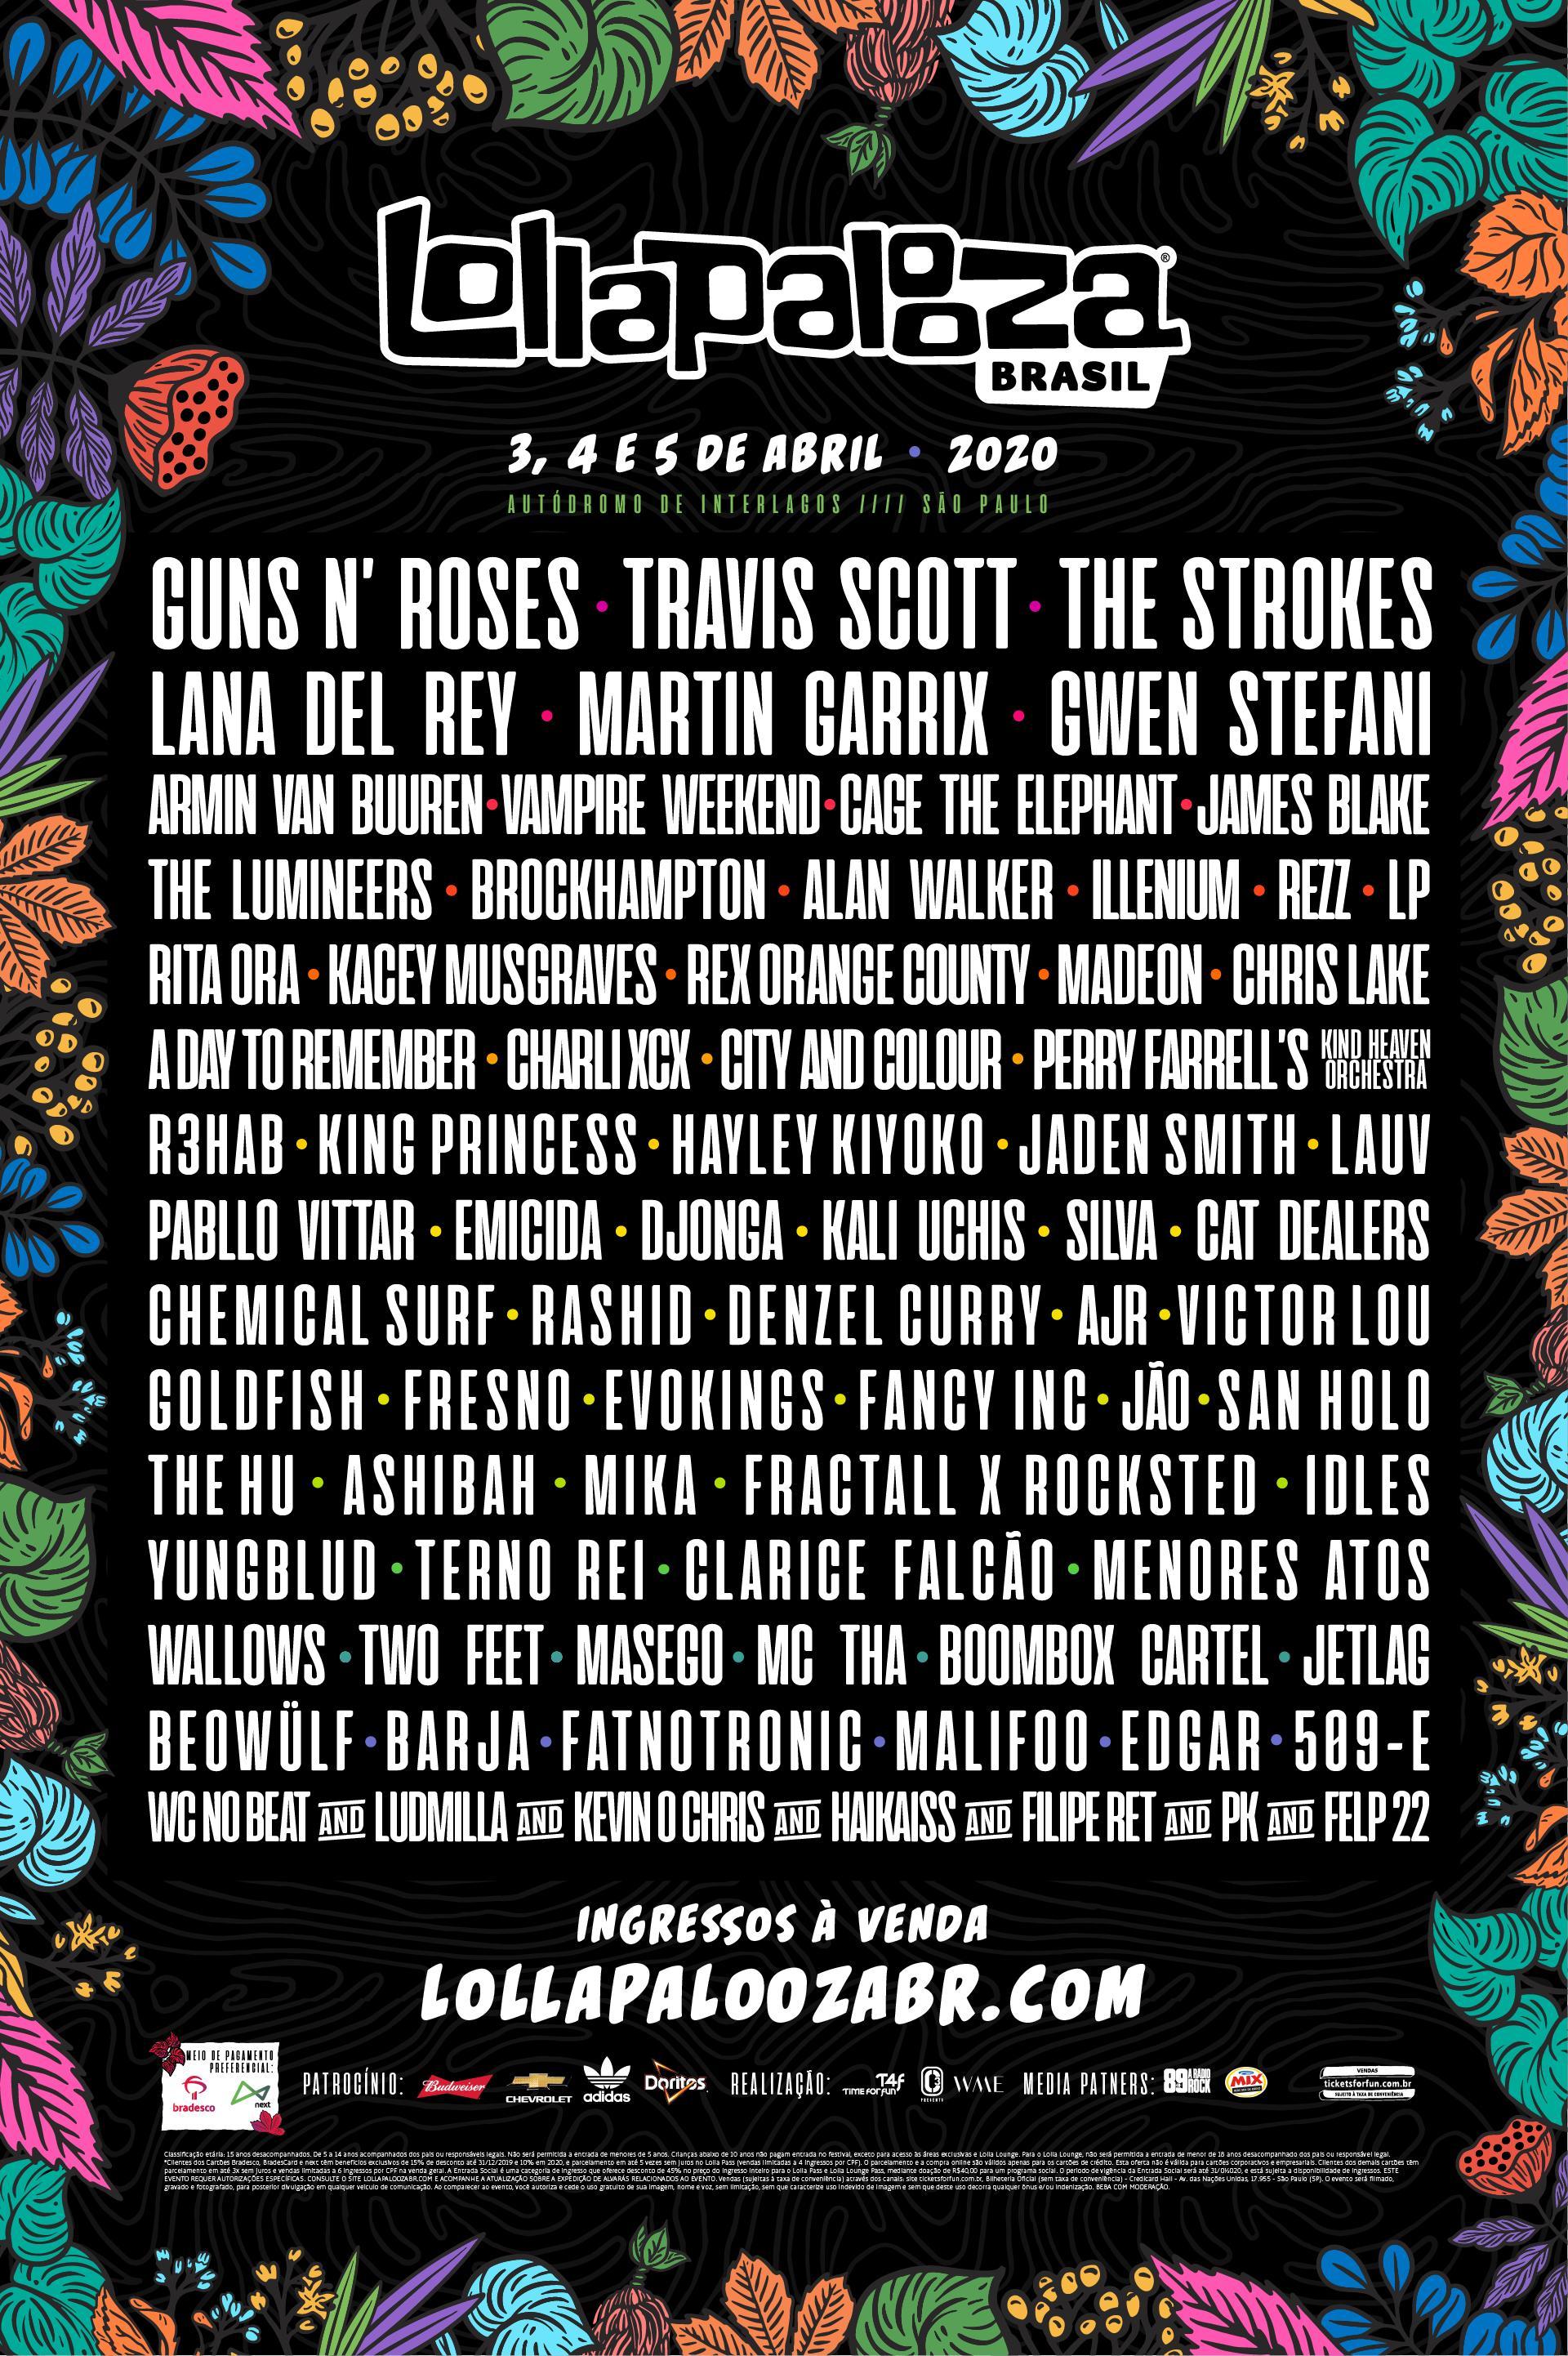 Contendo Lana Del Rey, Rita Ora, Gwen Stefani e mais, confira lineup oficial do Lollapalooza 2020